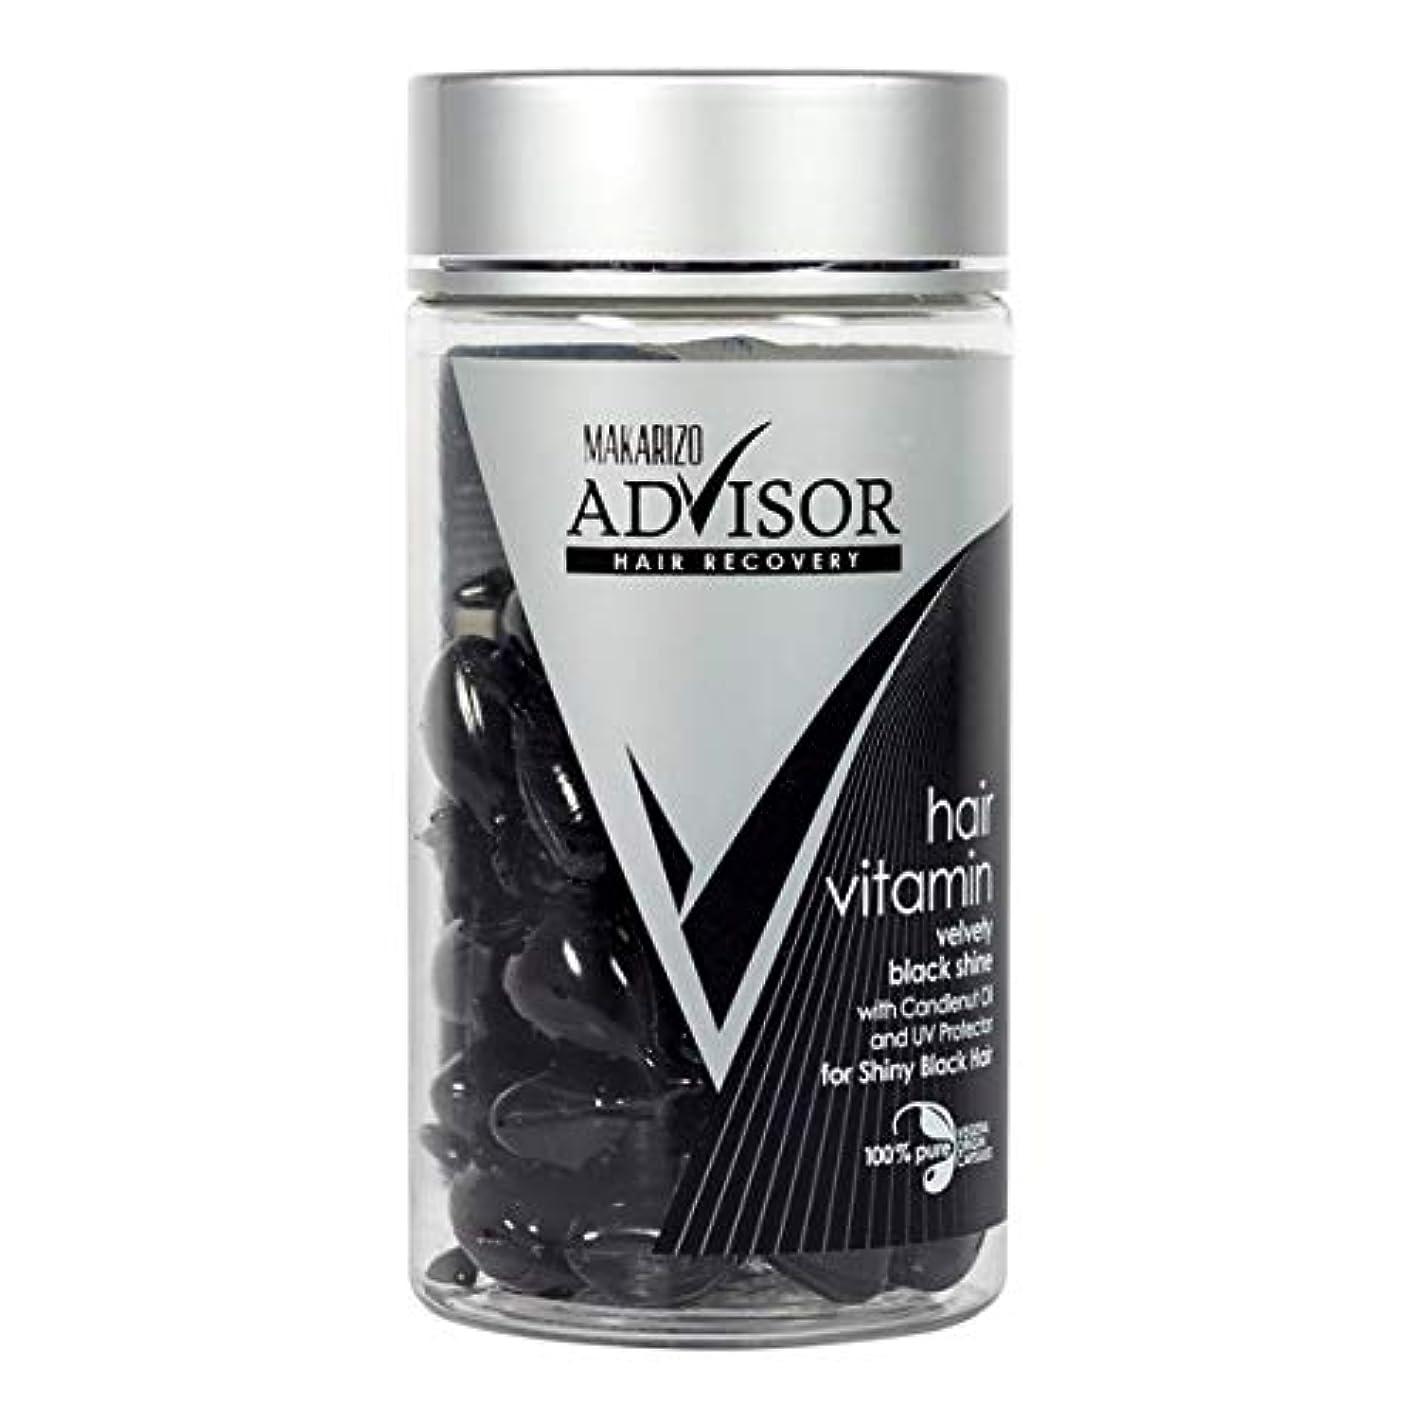 スーパーマーケット好み歩くMAKARIZO マカリゾ Advisor アドバイザー Hair Vitamin ヘアビタミン 50粒入ボトル Velvety Black Shine ブラック [海外直送品]